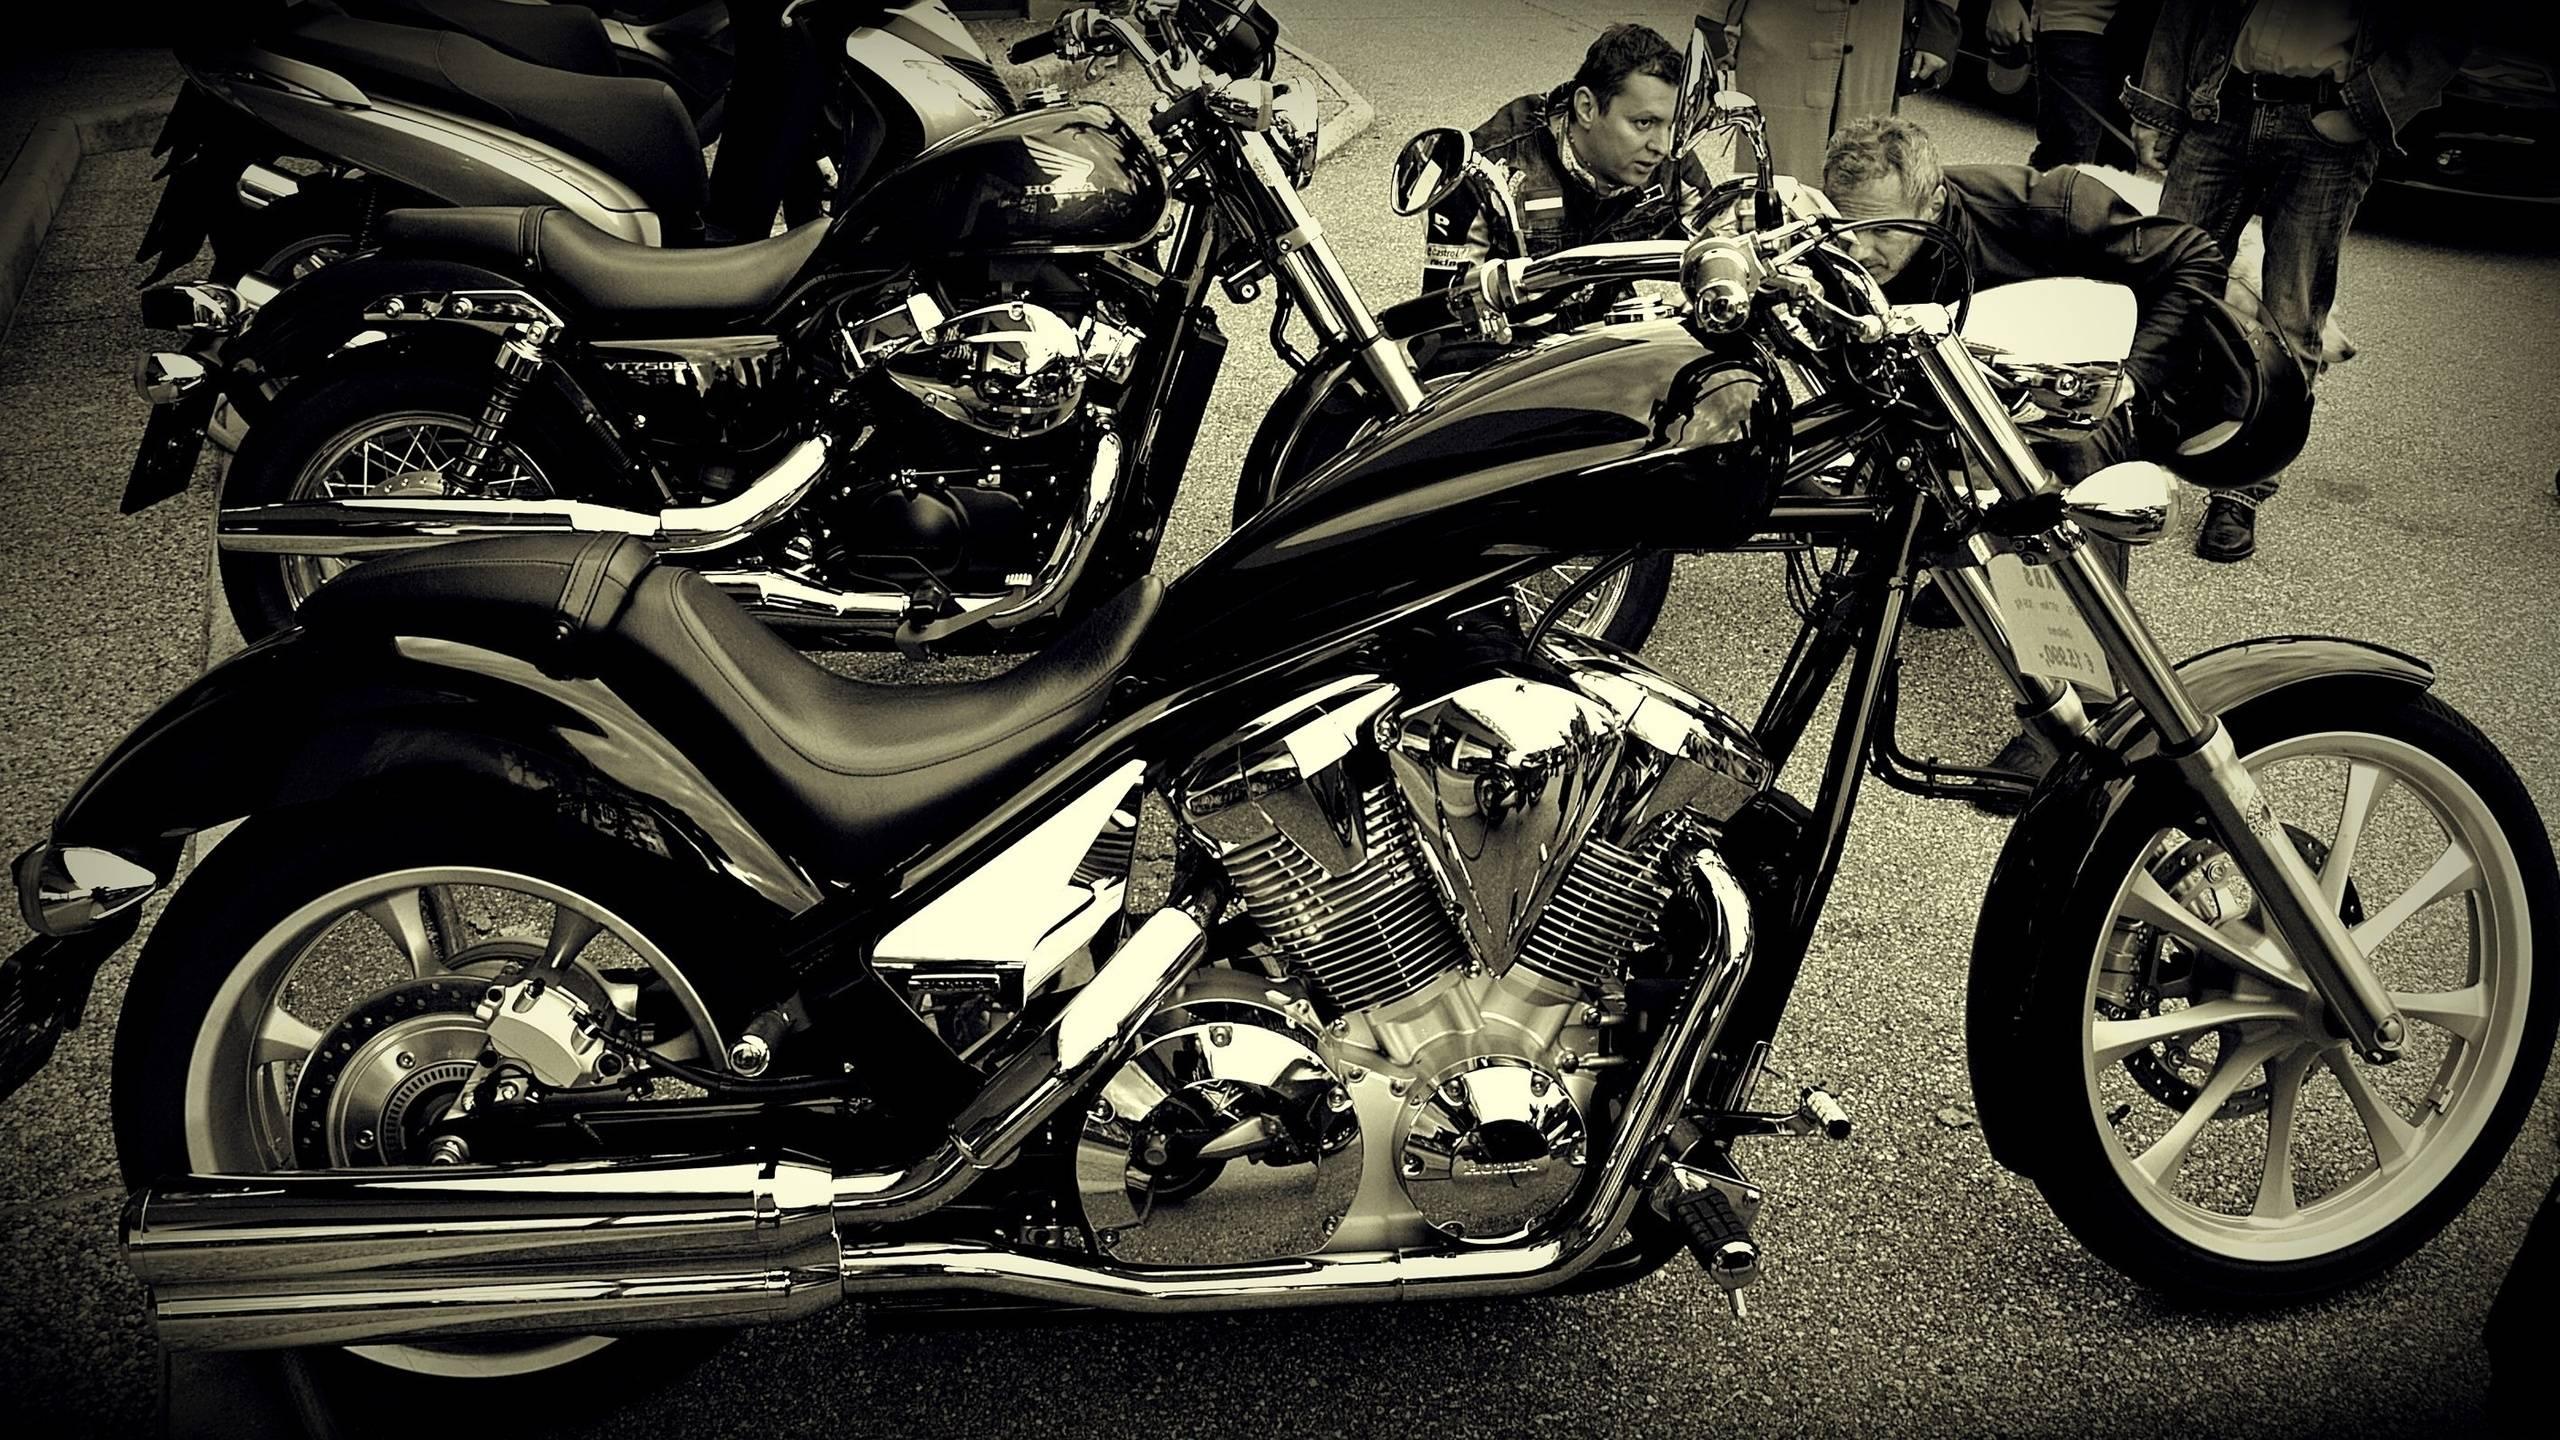 обои стоянка, мотоциклы, разные, двигатель картинки фото